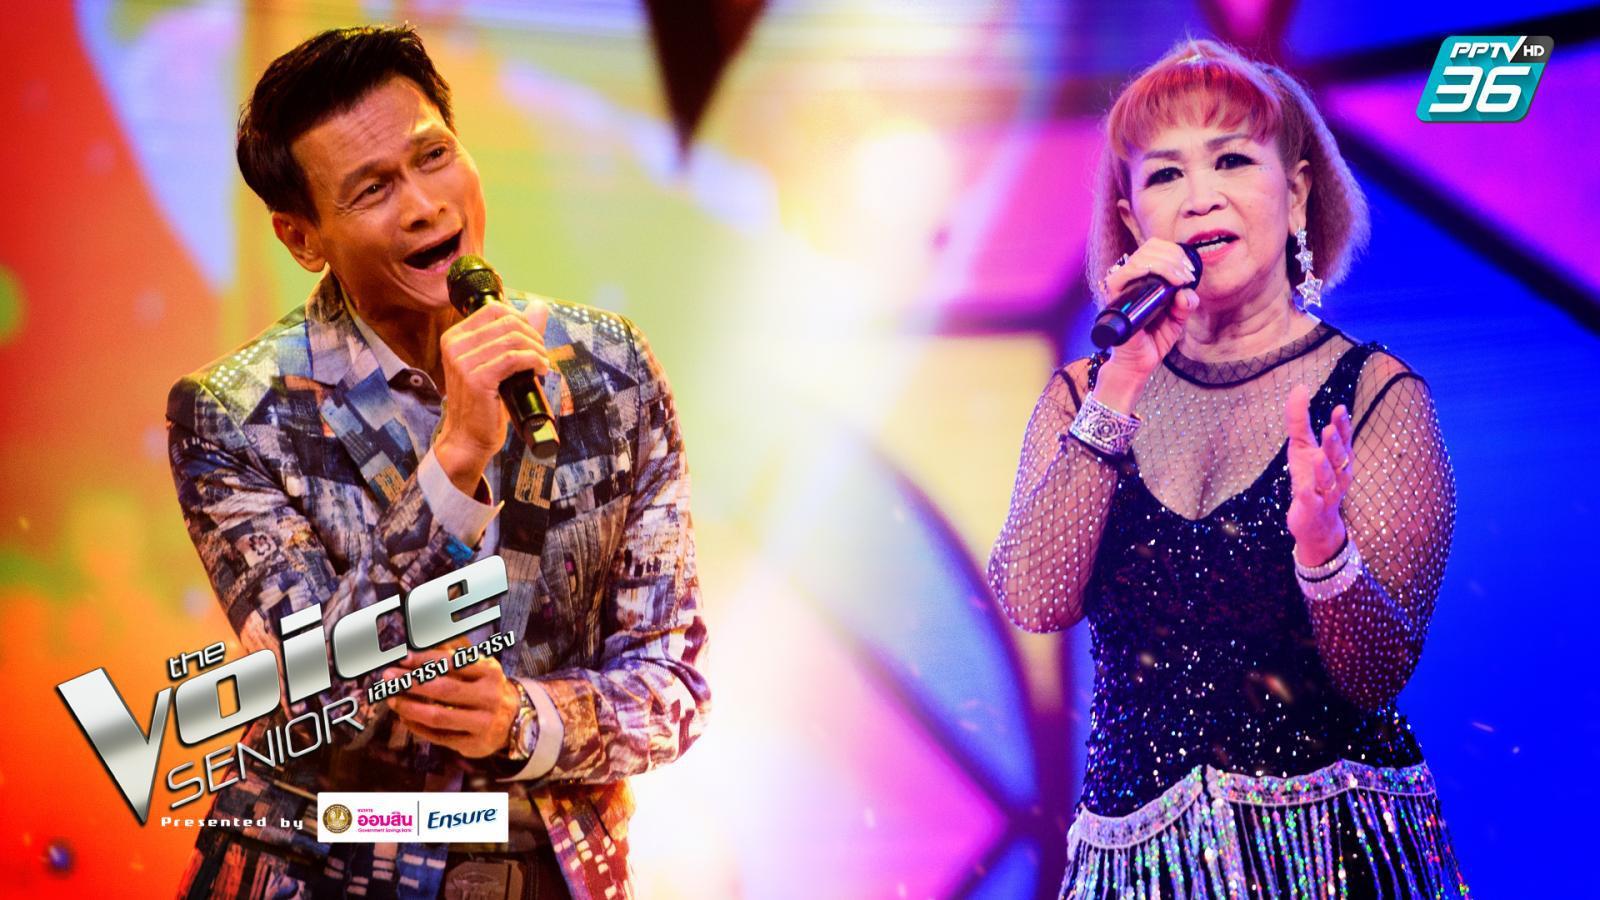 The Voice Senior Thailand 2020 EP.7 | ลายเซ็นต์ชัด!! ร้องเพลงจีบโค้ชก้องทุกเพลง